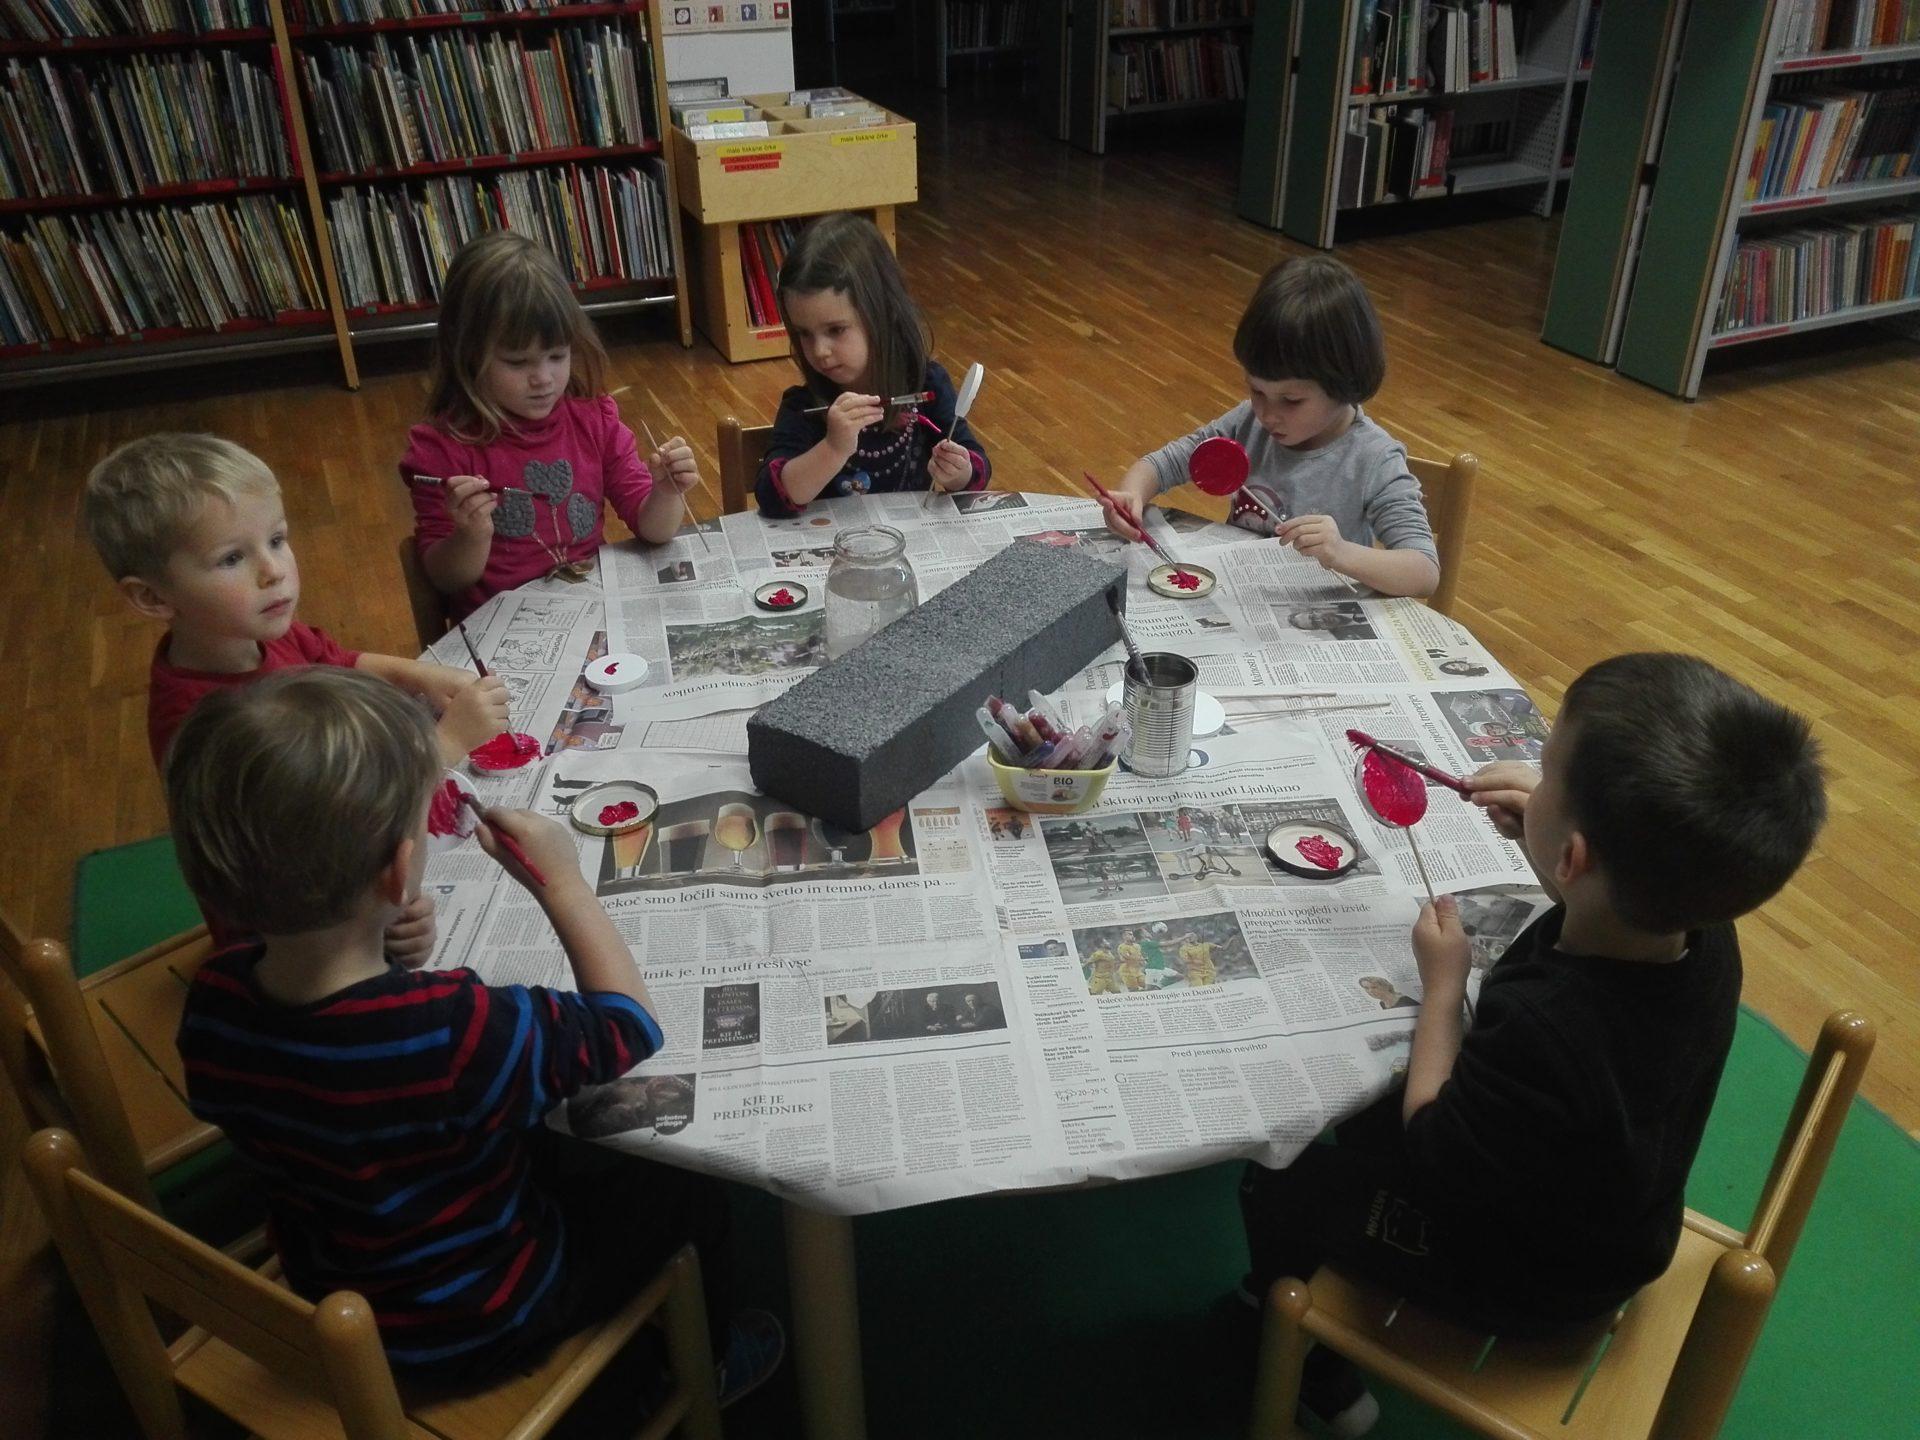 IMG 20191203 090940 - Obisk Vijoličnih polhkov v knjižnici v Starem trgu